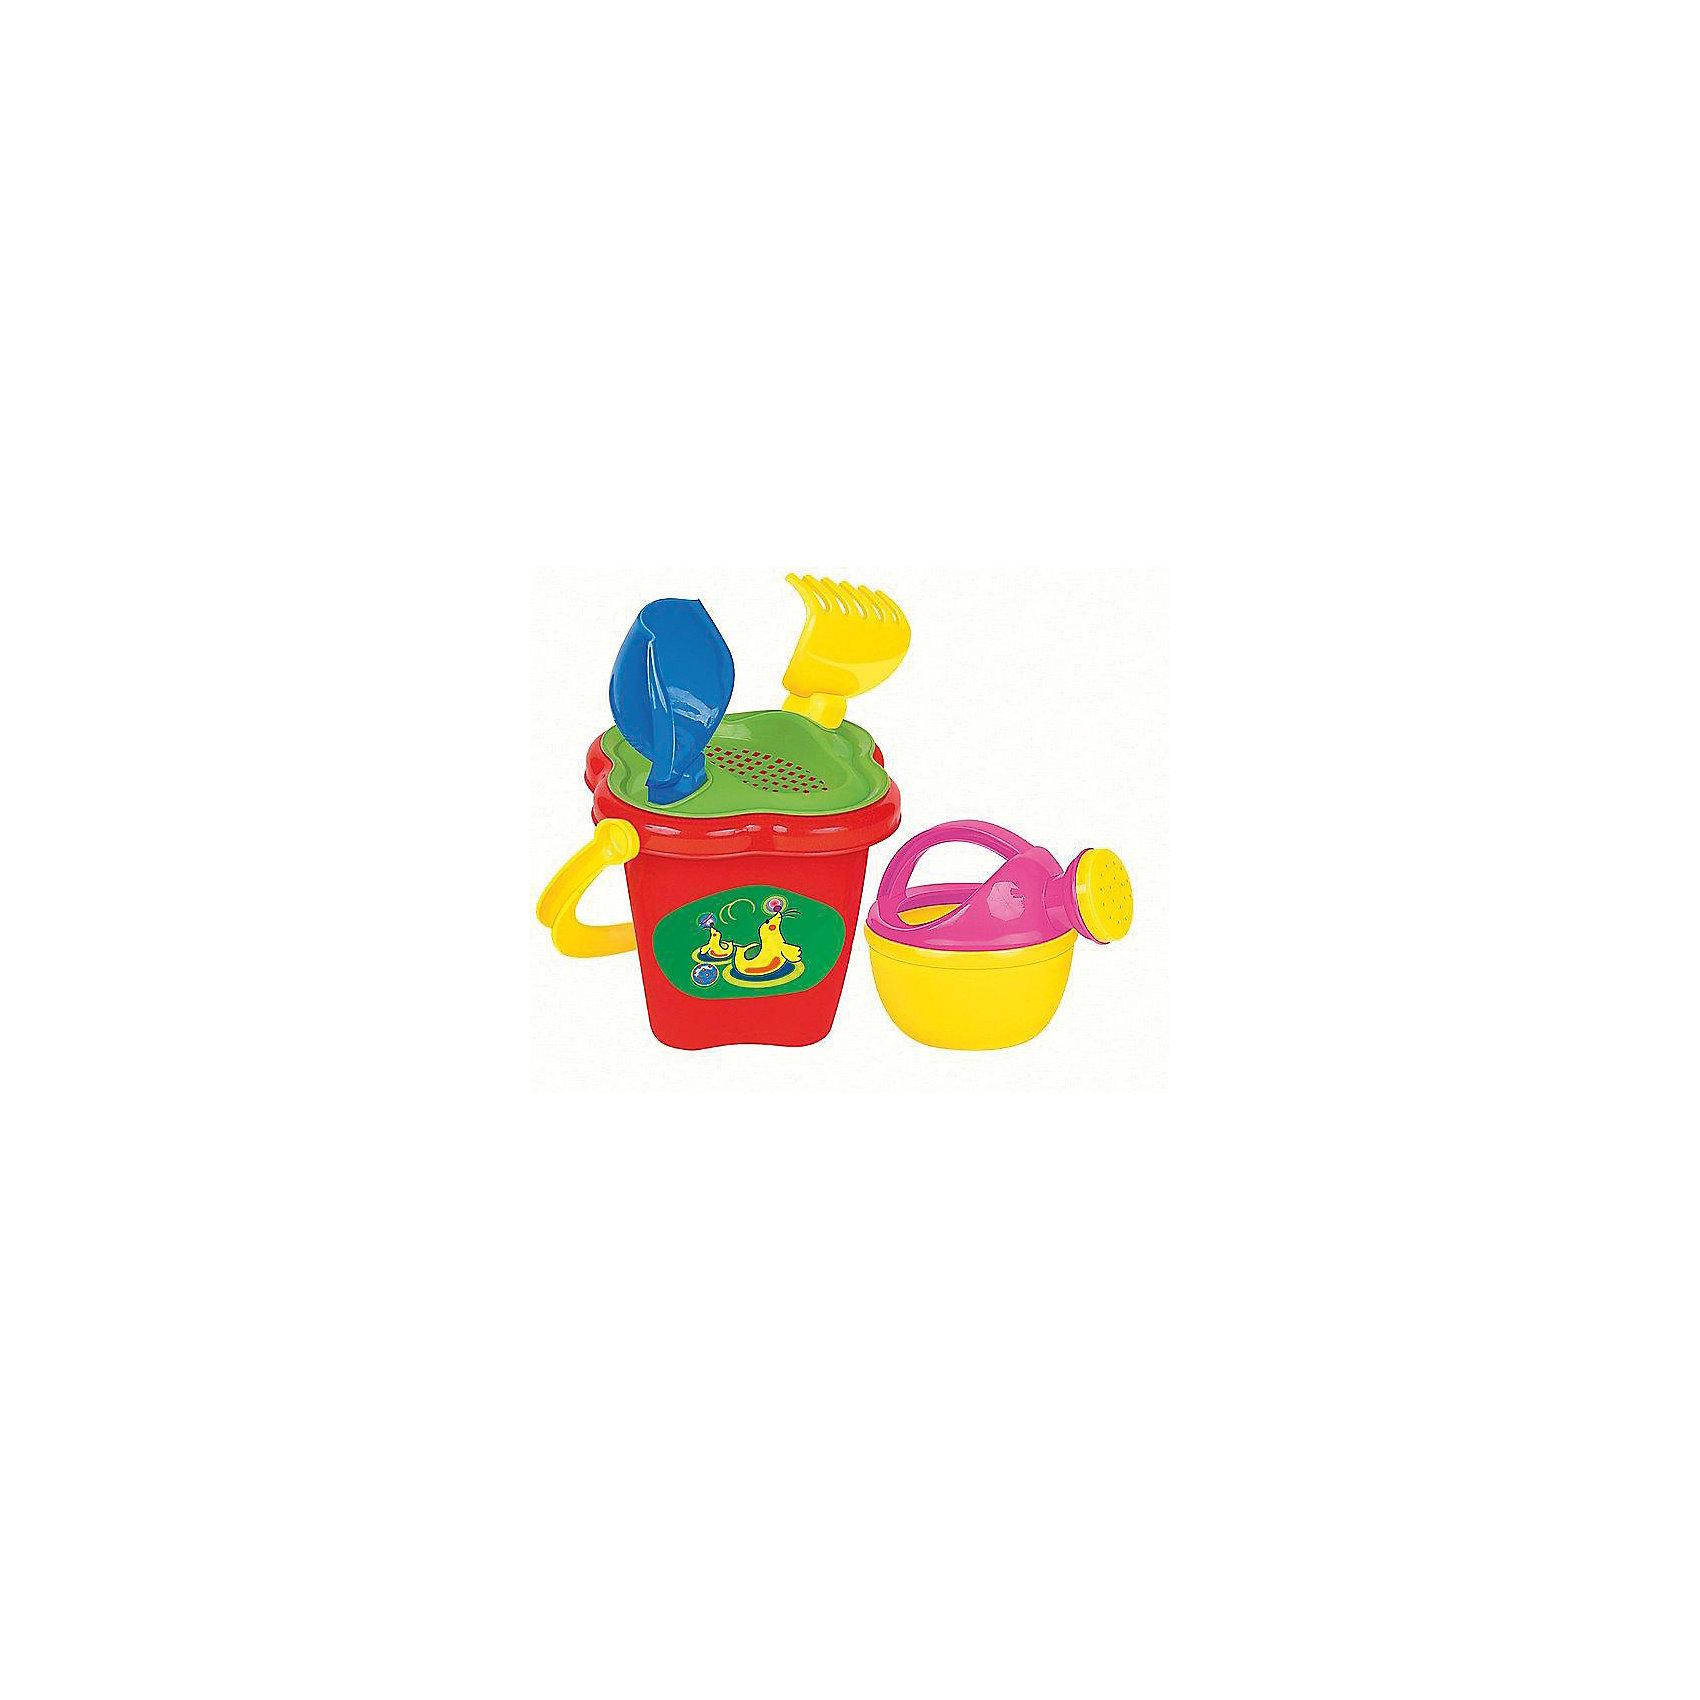 Песочный набор №237 (5 предметов), Полесье